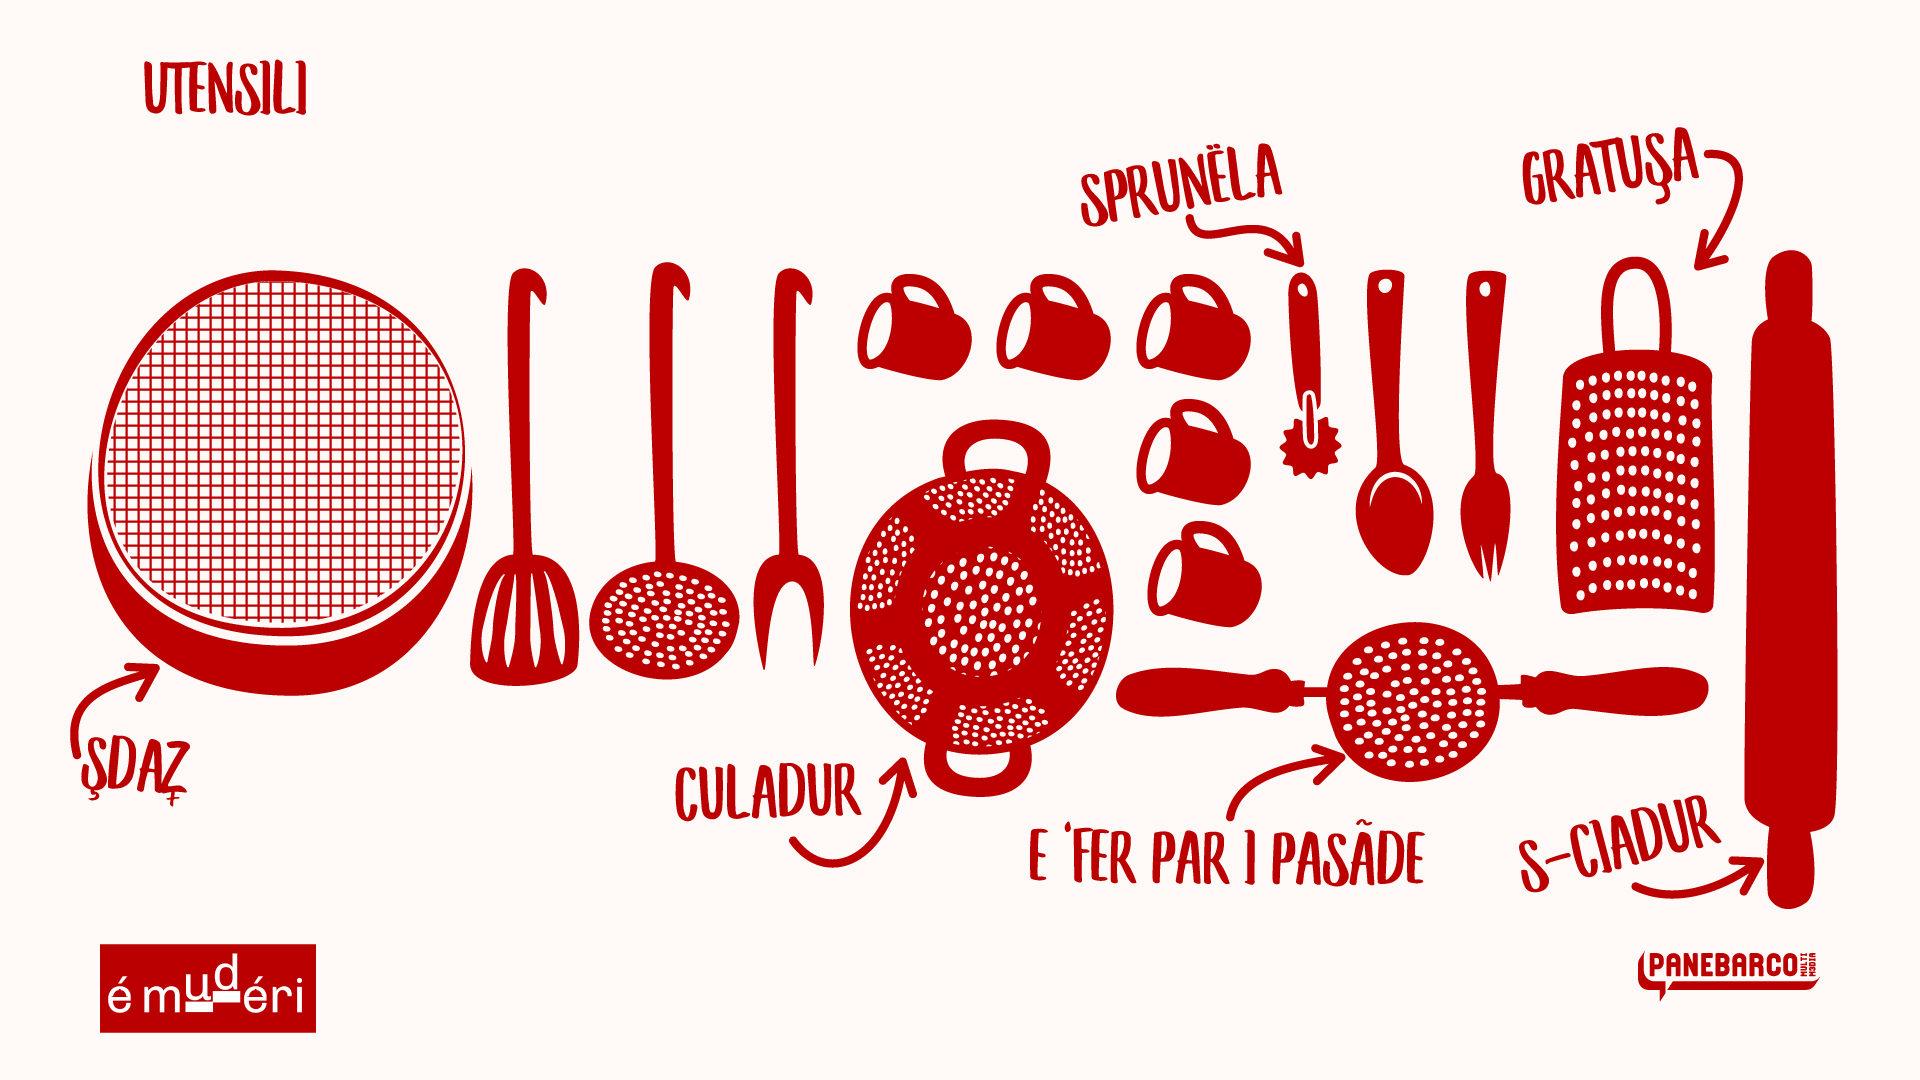 la grafica degli utensili da cucina creata dalla Panebarco per